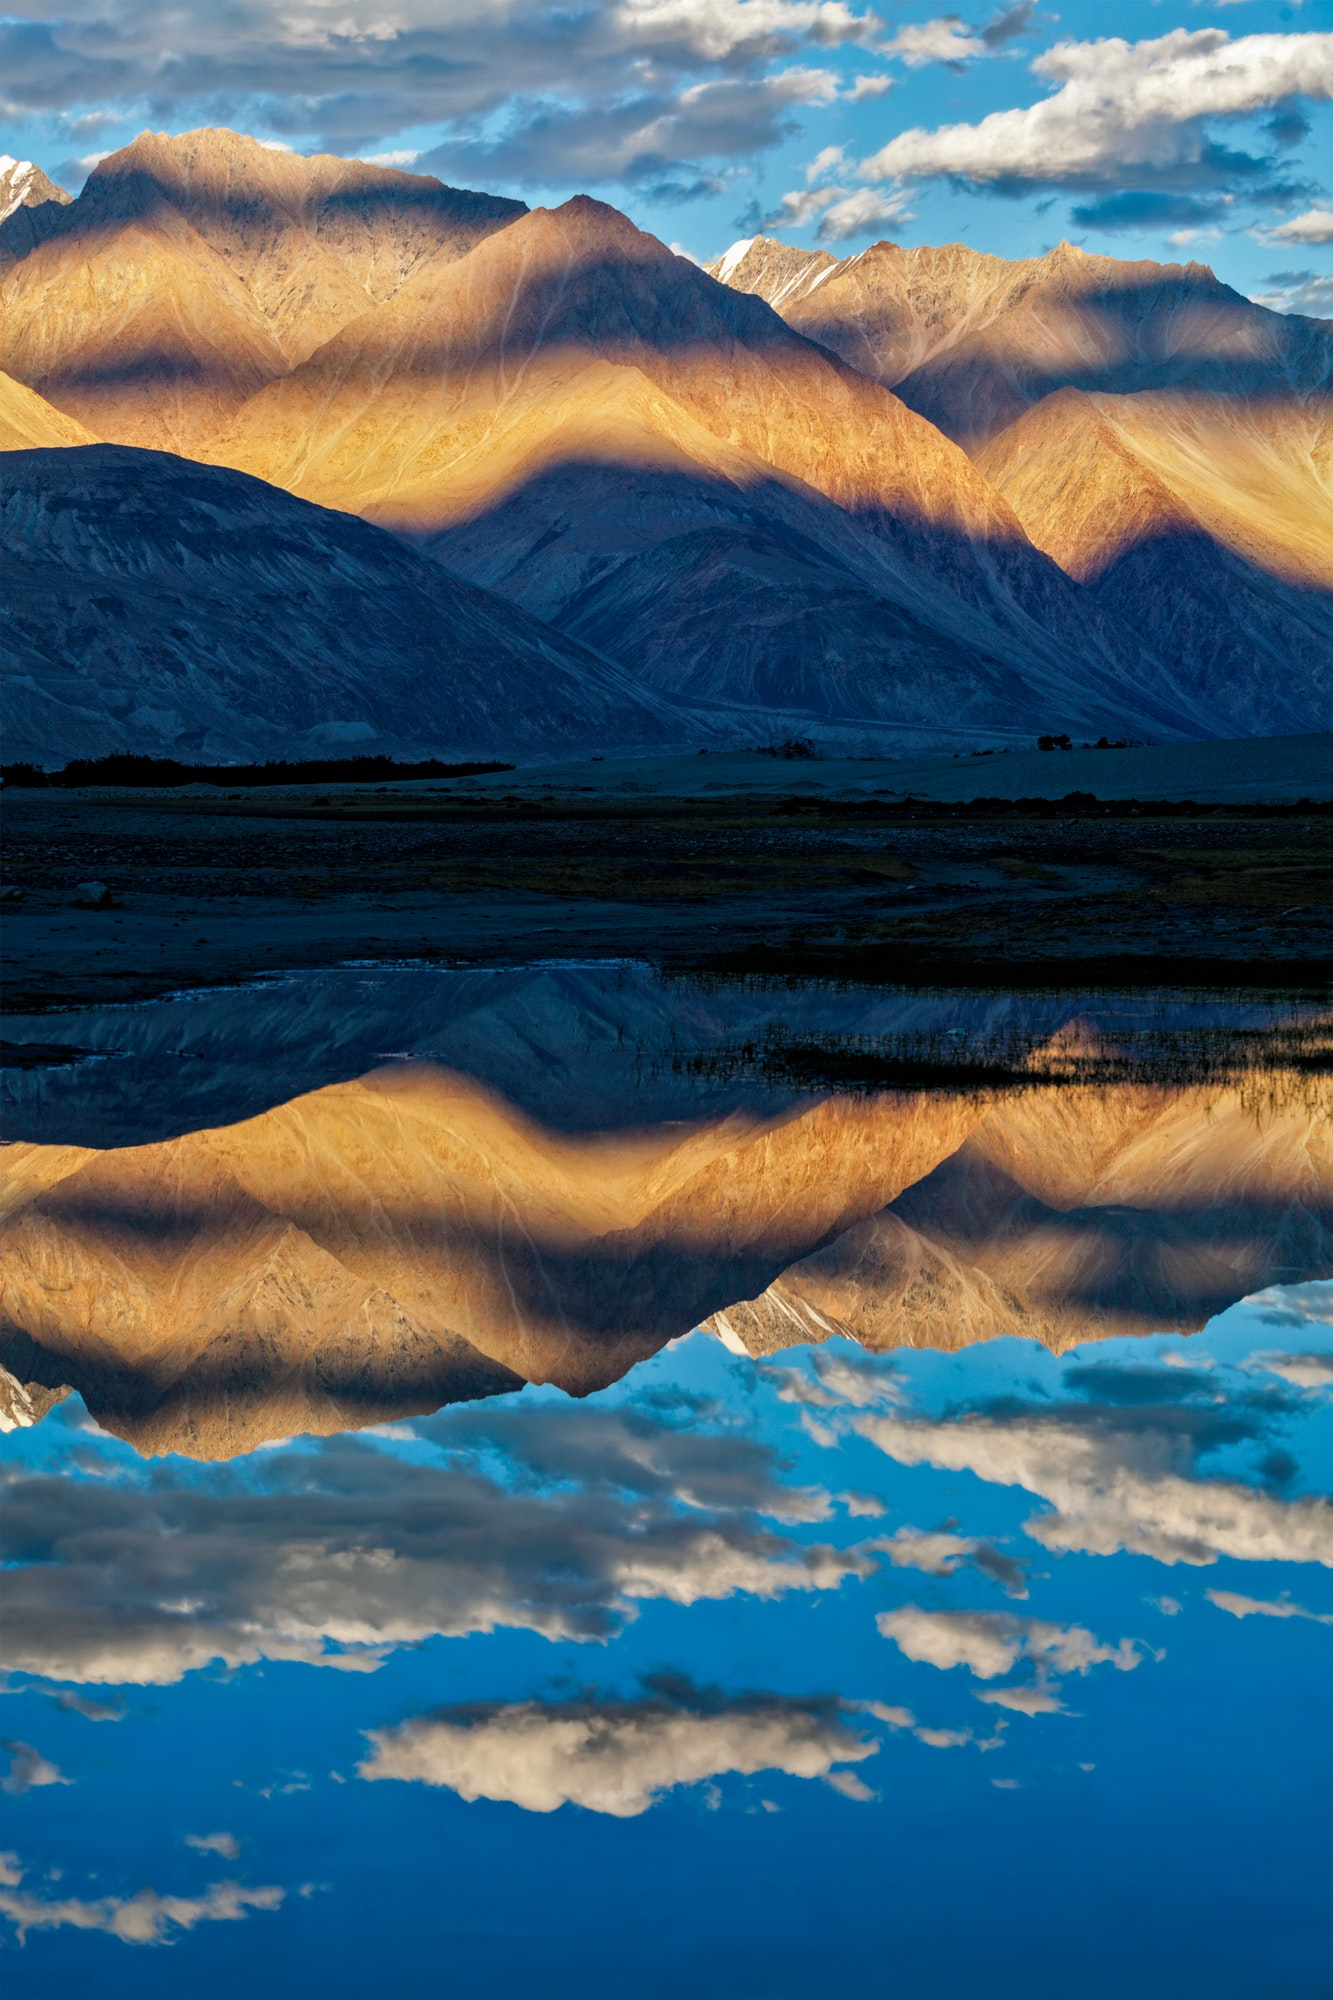 Himalayas on sunset, Nubra valley, Ladakh, India